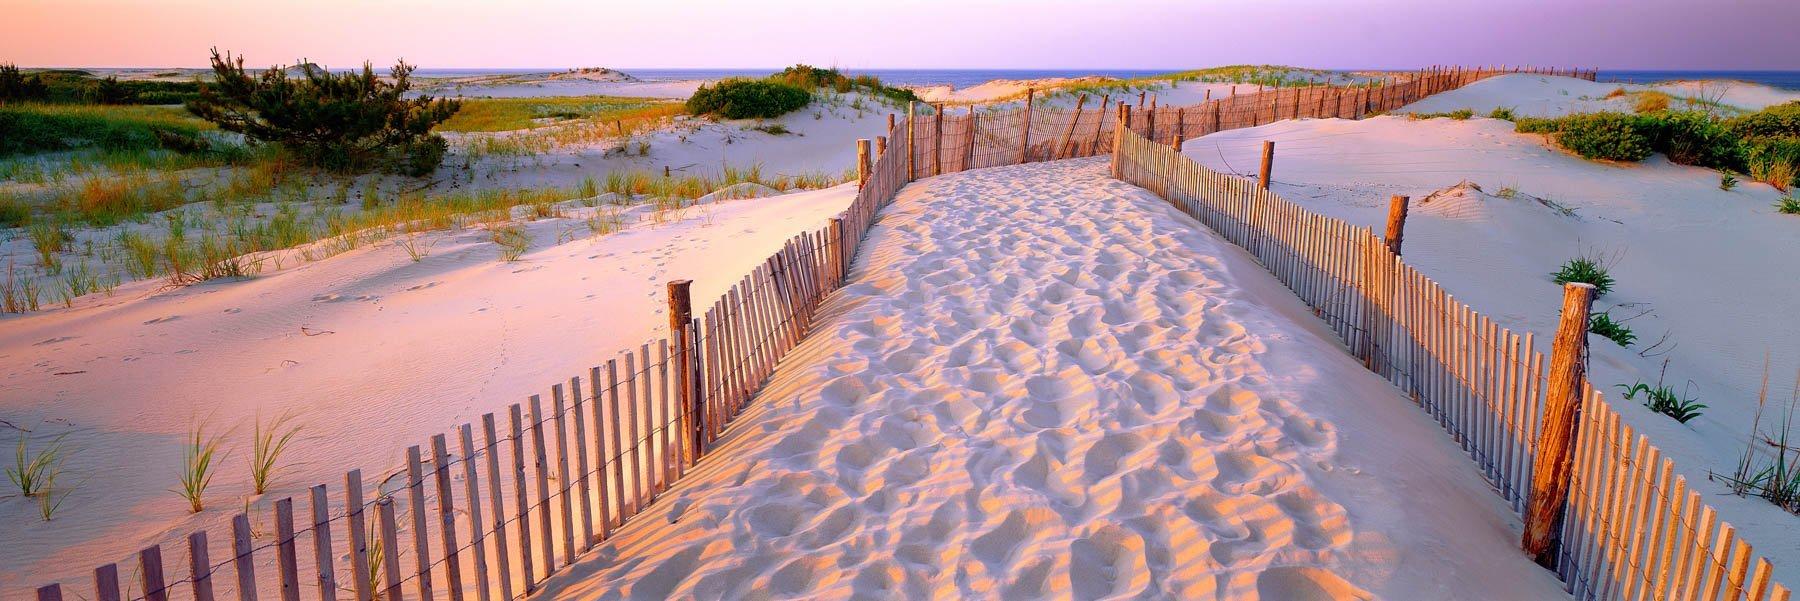 Sunrise at Cape Henlopen, Delaware, USA.